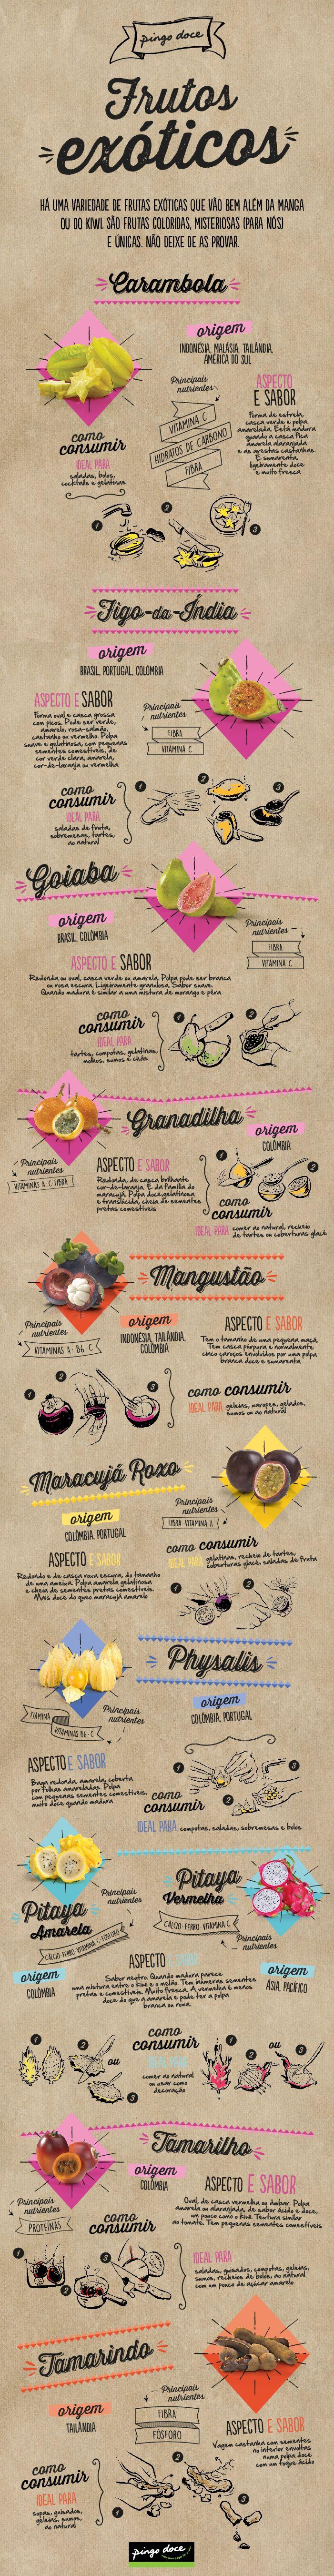 Pingo Doce - frutos exóticos